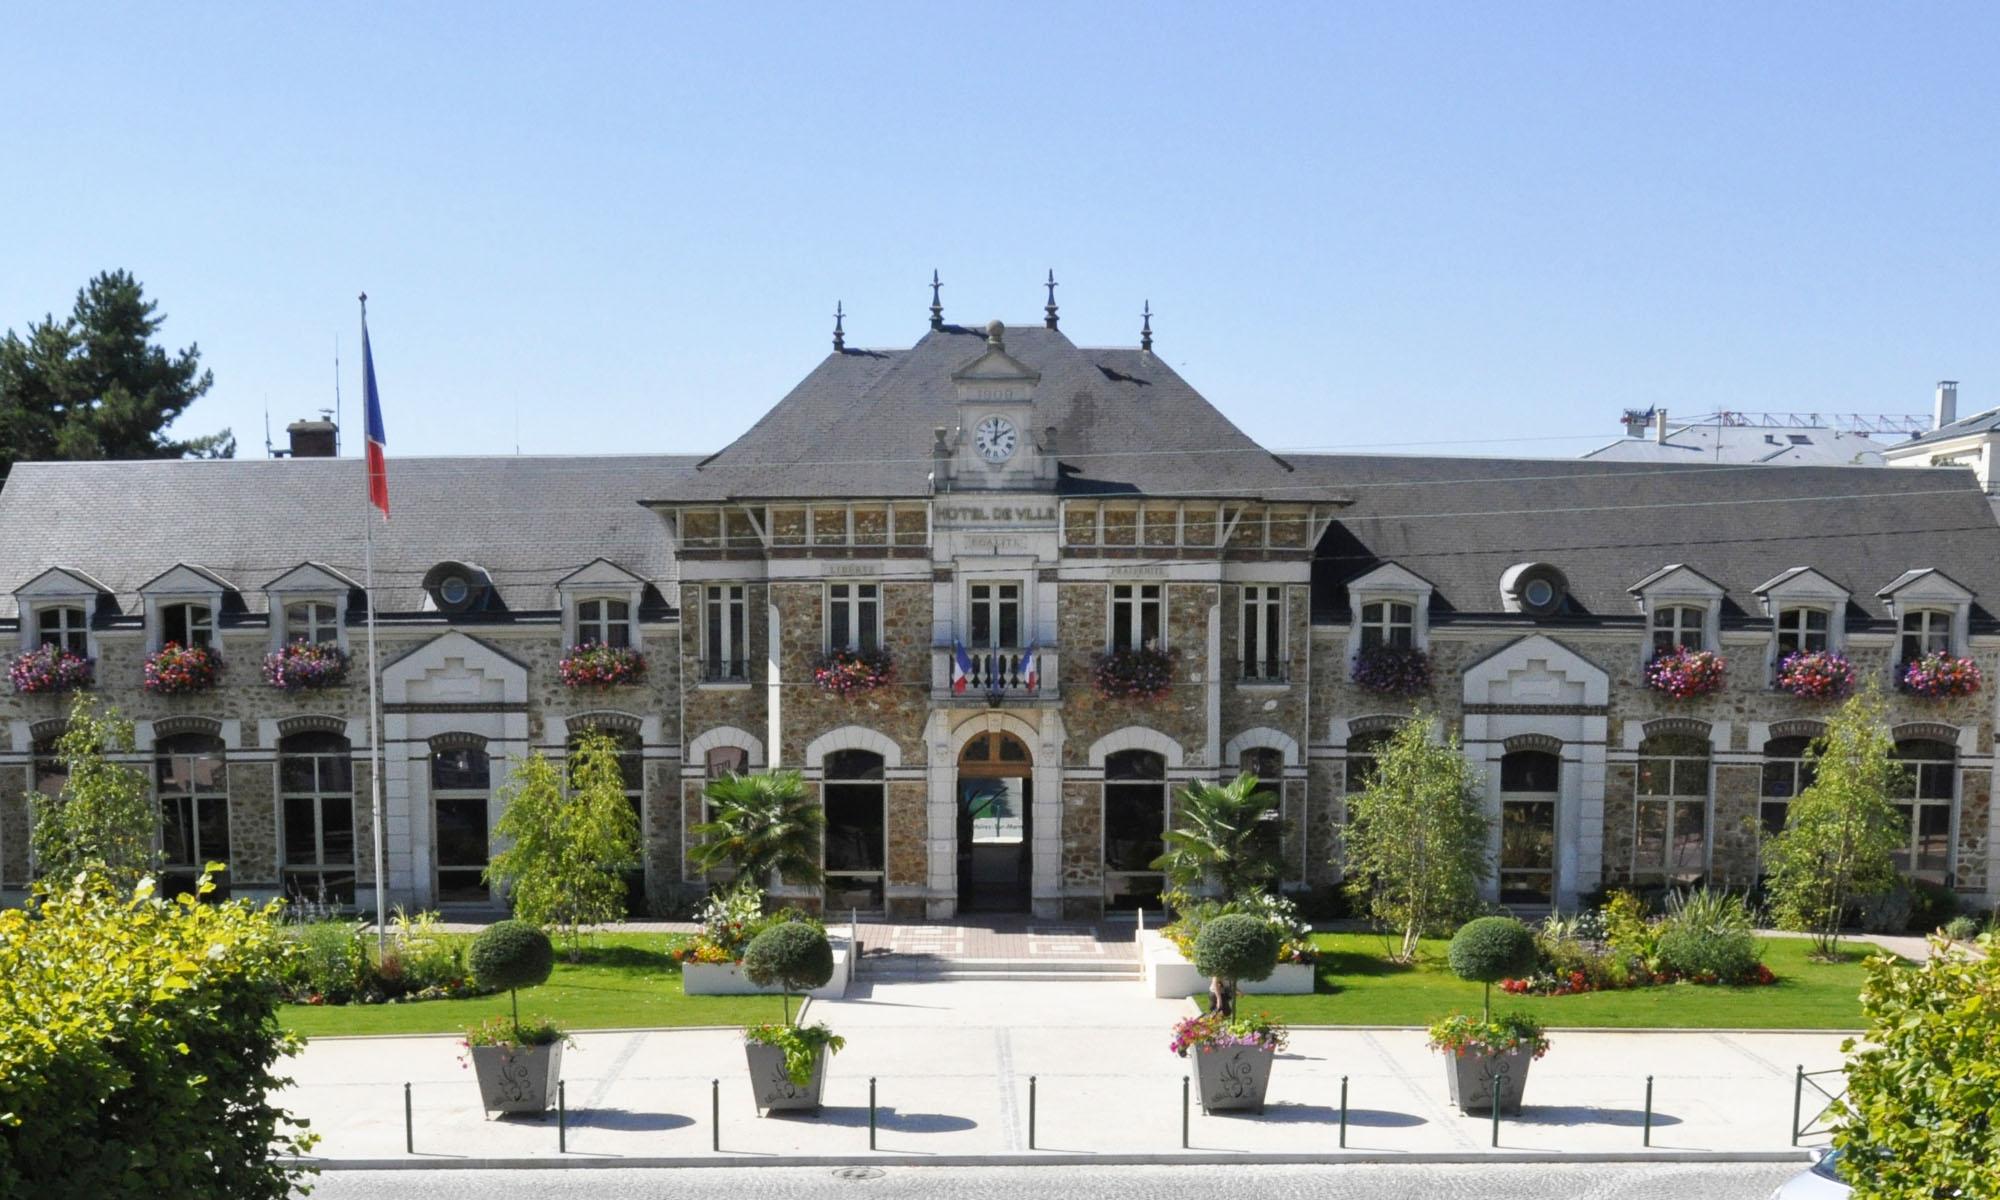 Ville de Vaires-sur-Marne